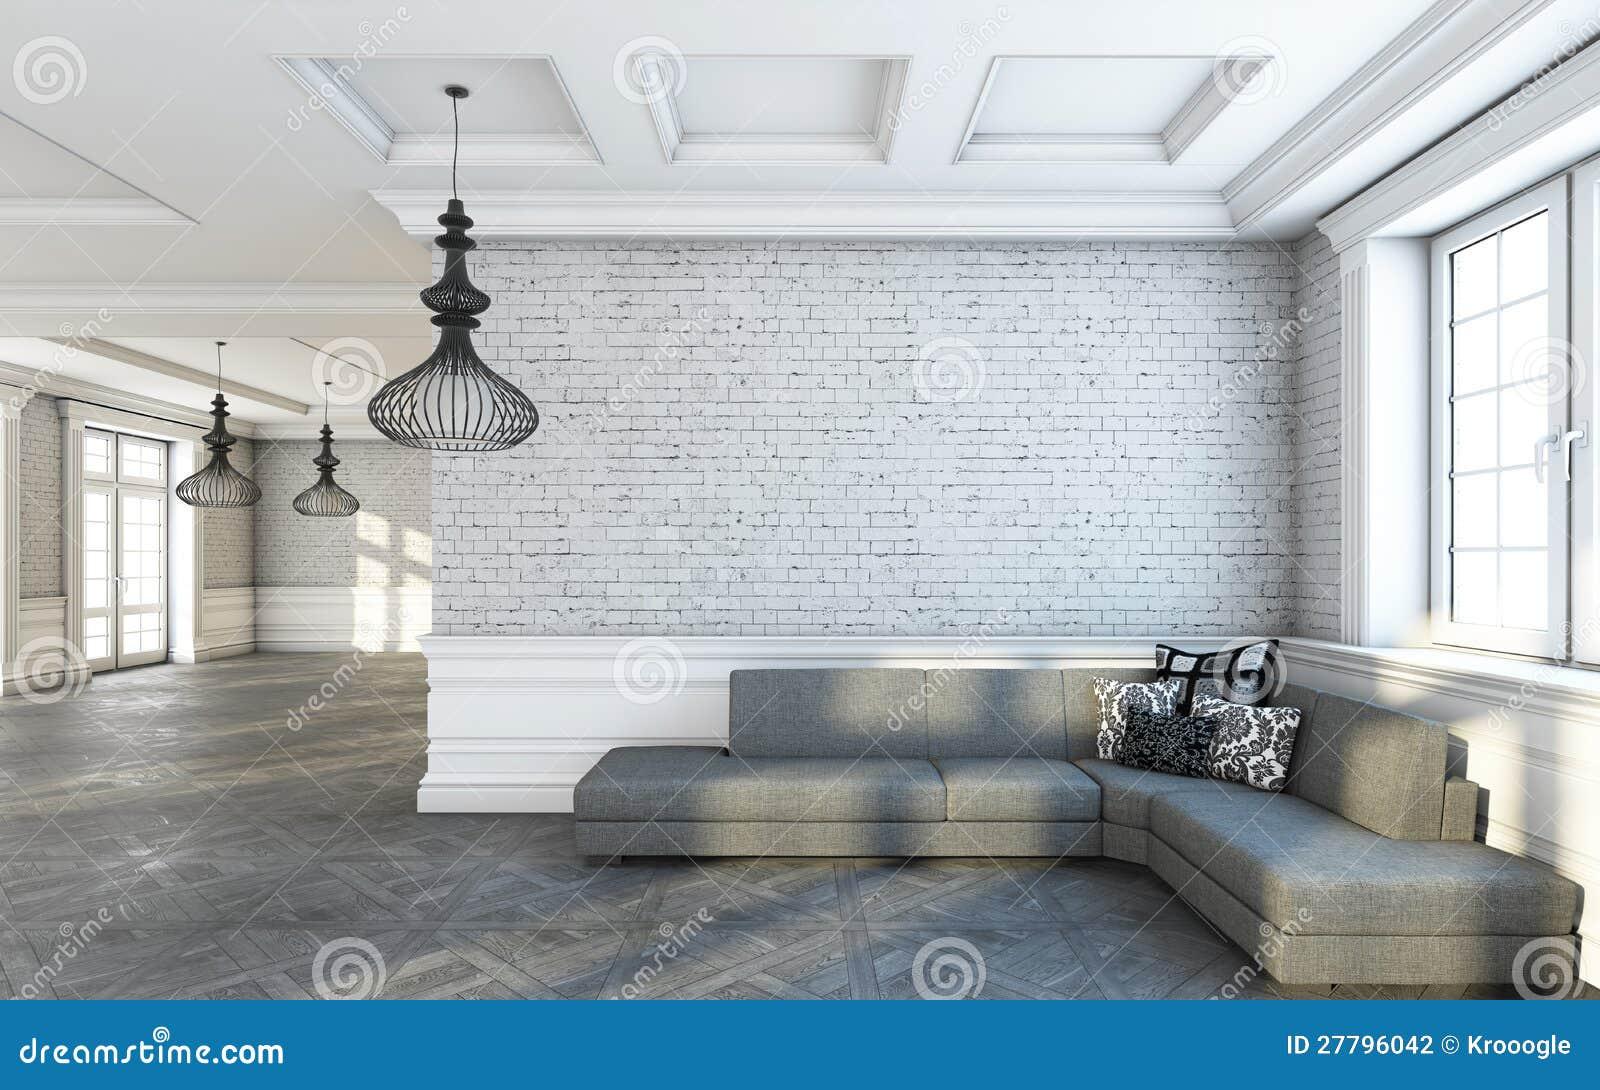 couch wohnzimmer:Graues Sofa-Wohnzimmer Stockfotografie – Bild: 27796042